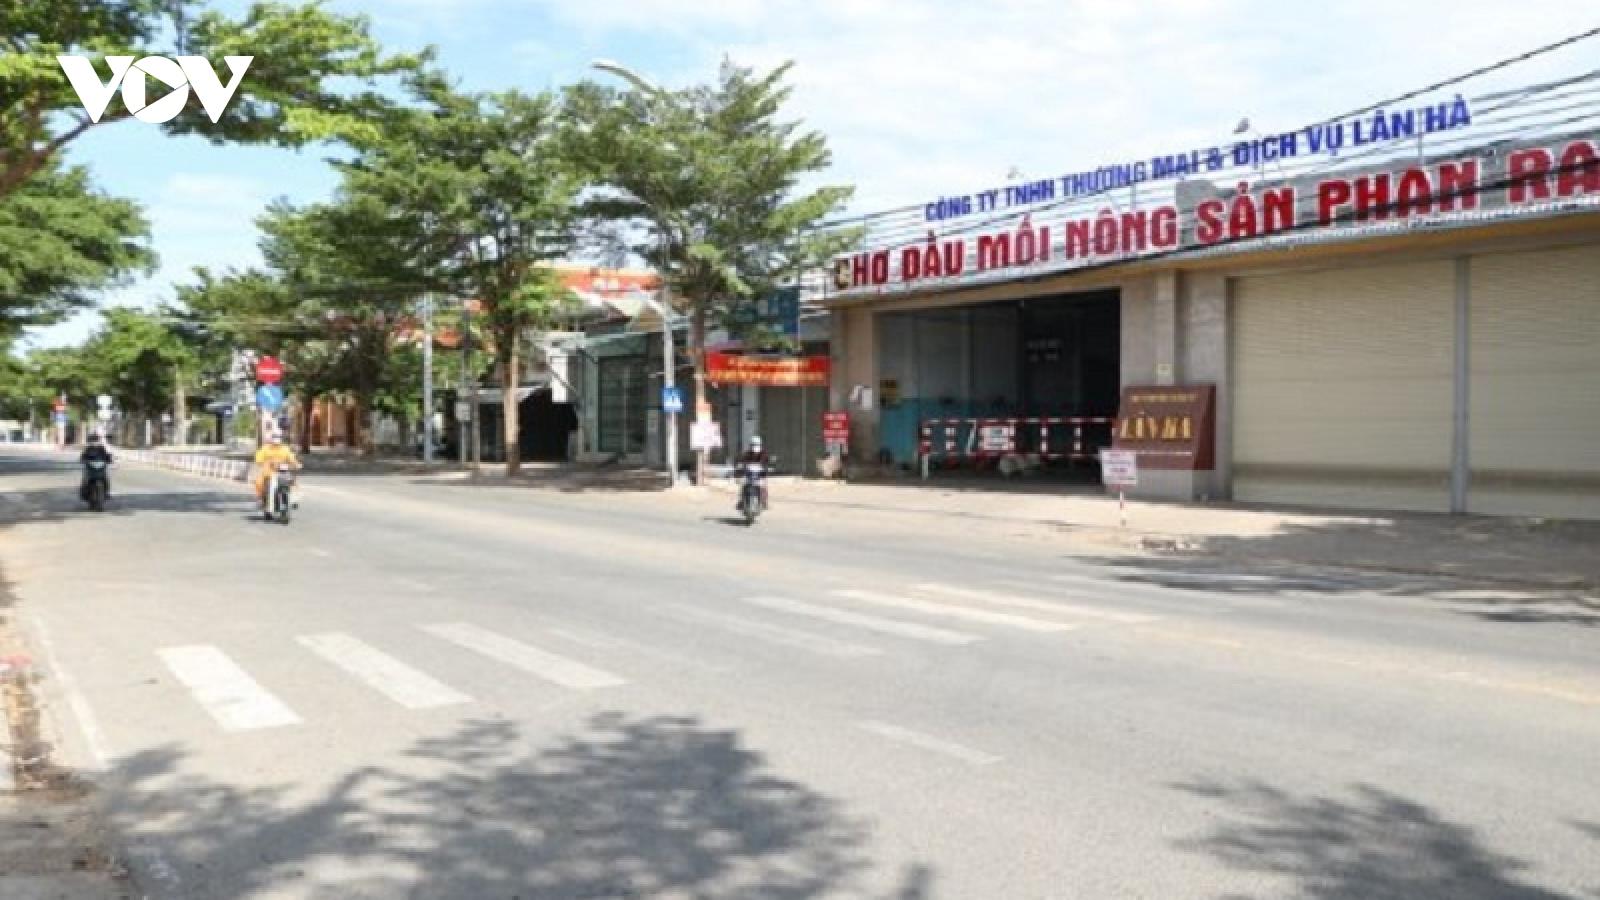 Thêm 36 ca mắc Covid-19 mới ởNinh Thuận và Bình Thuận